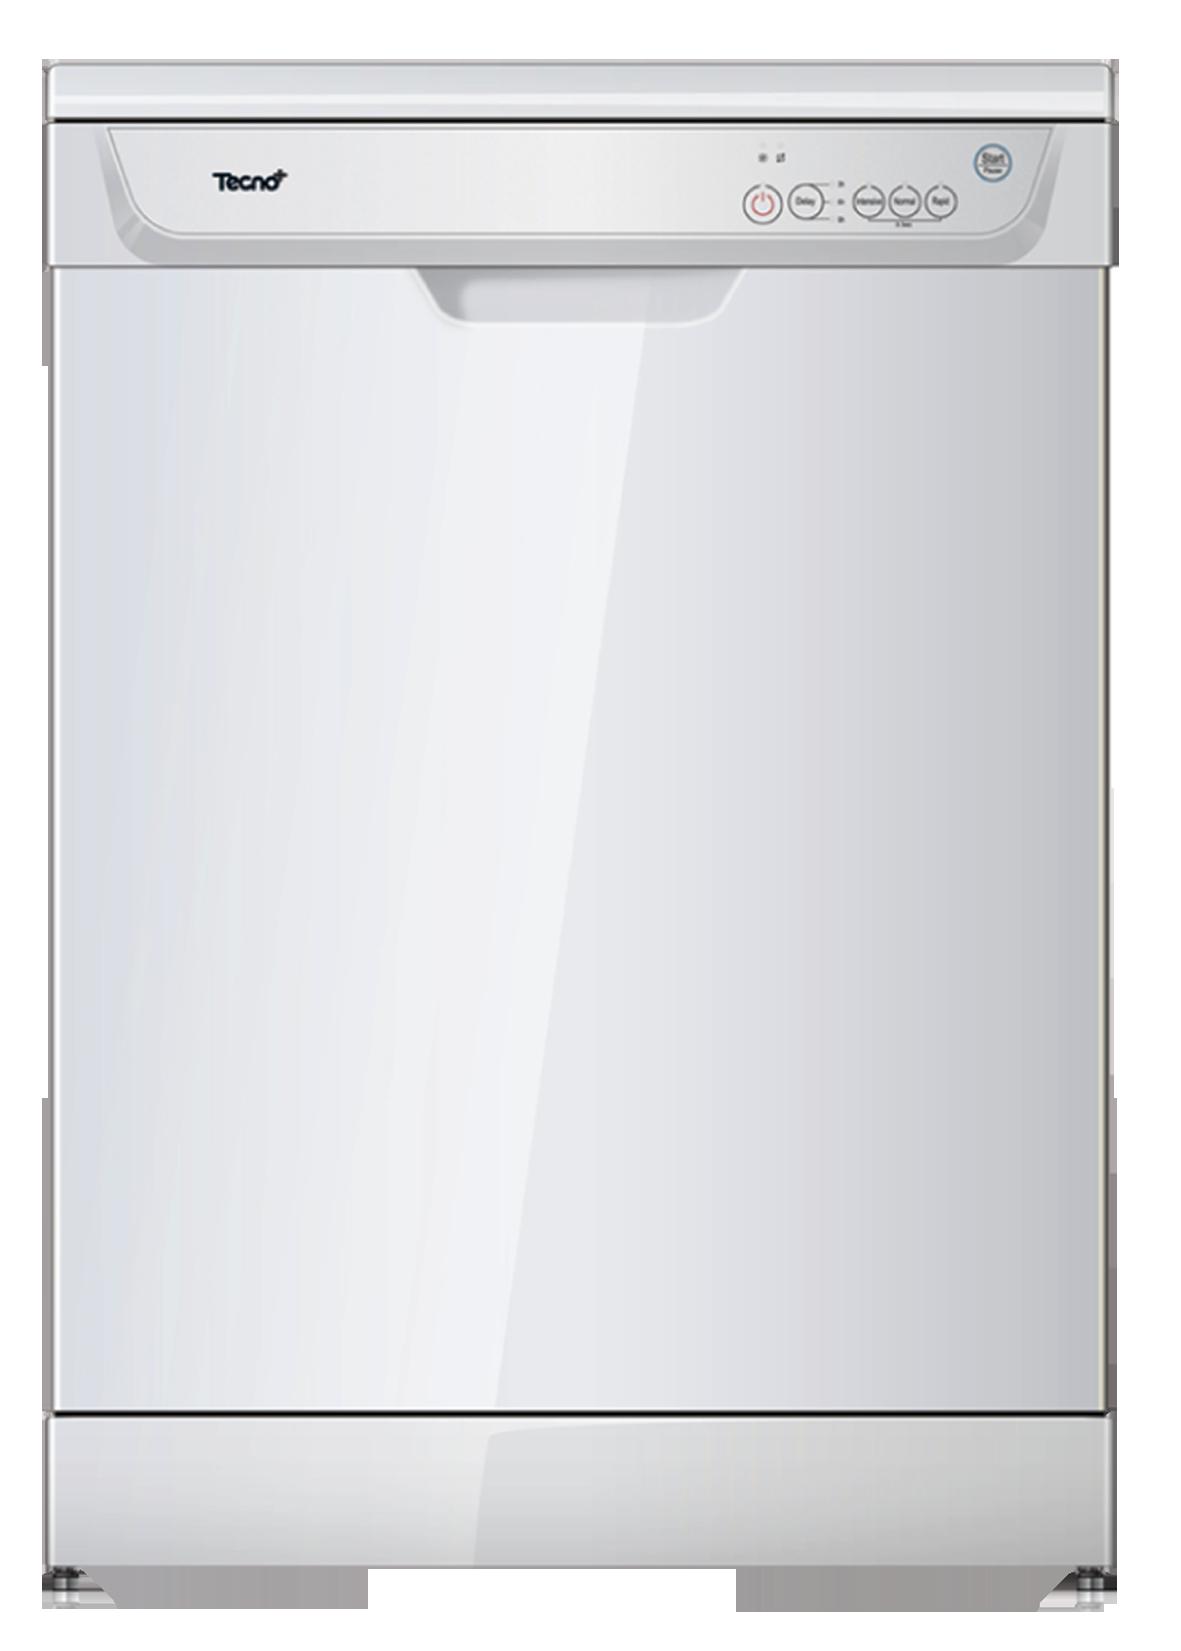 เครื่องล้างจาน Tecnogas รุ่นTNP DW 60312 W